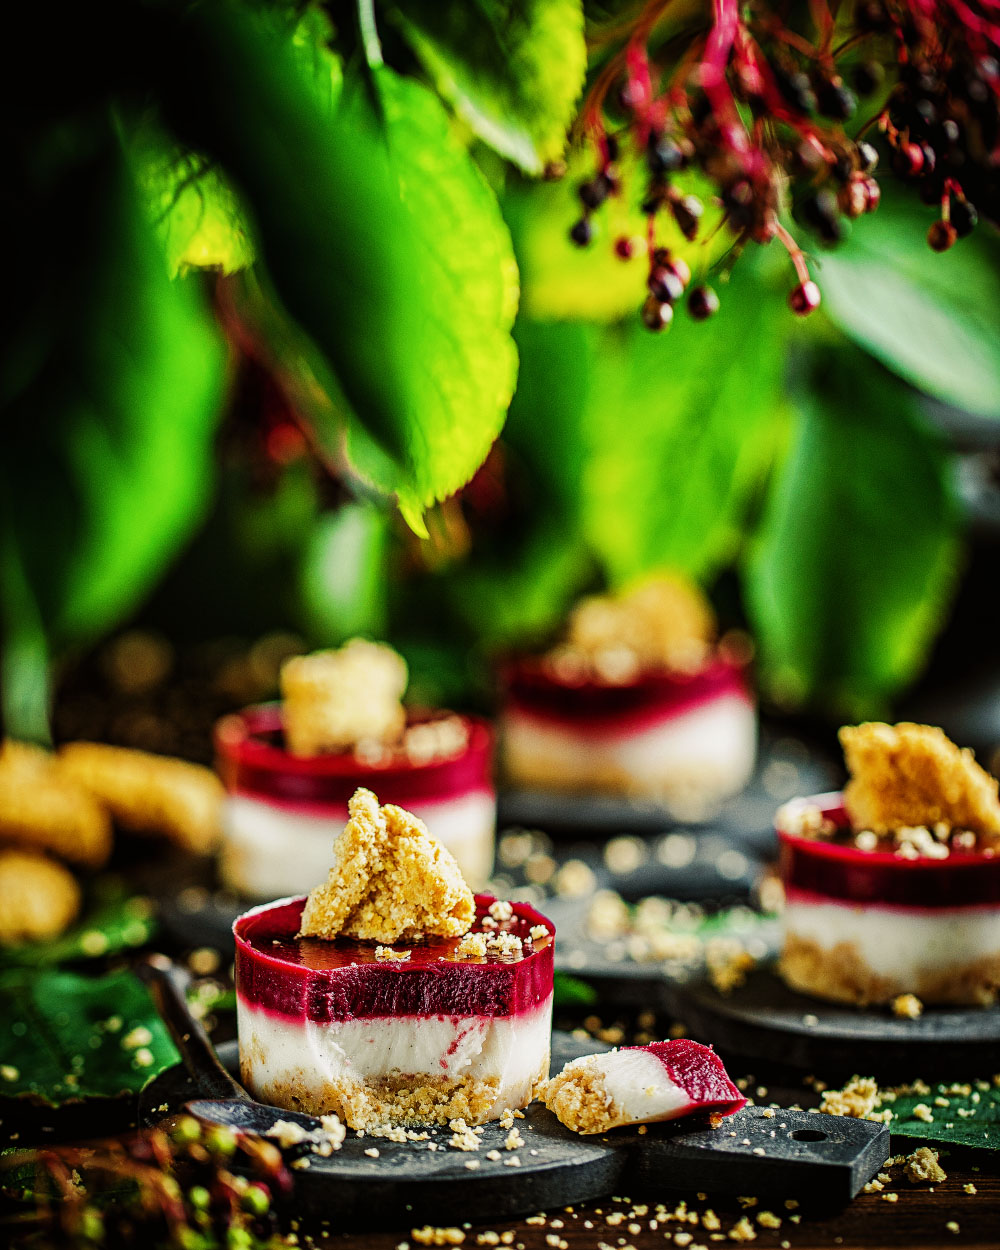 Holunder-Kokos Mini-Cheesecakes No-Bake einfaches rezept maintal #holunderpartyHolunder-Kokos Mini-Cheesecakes No-Bake einfaches rezept maintal #holunderparty